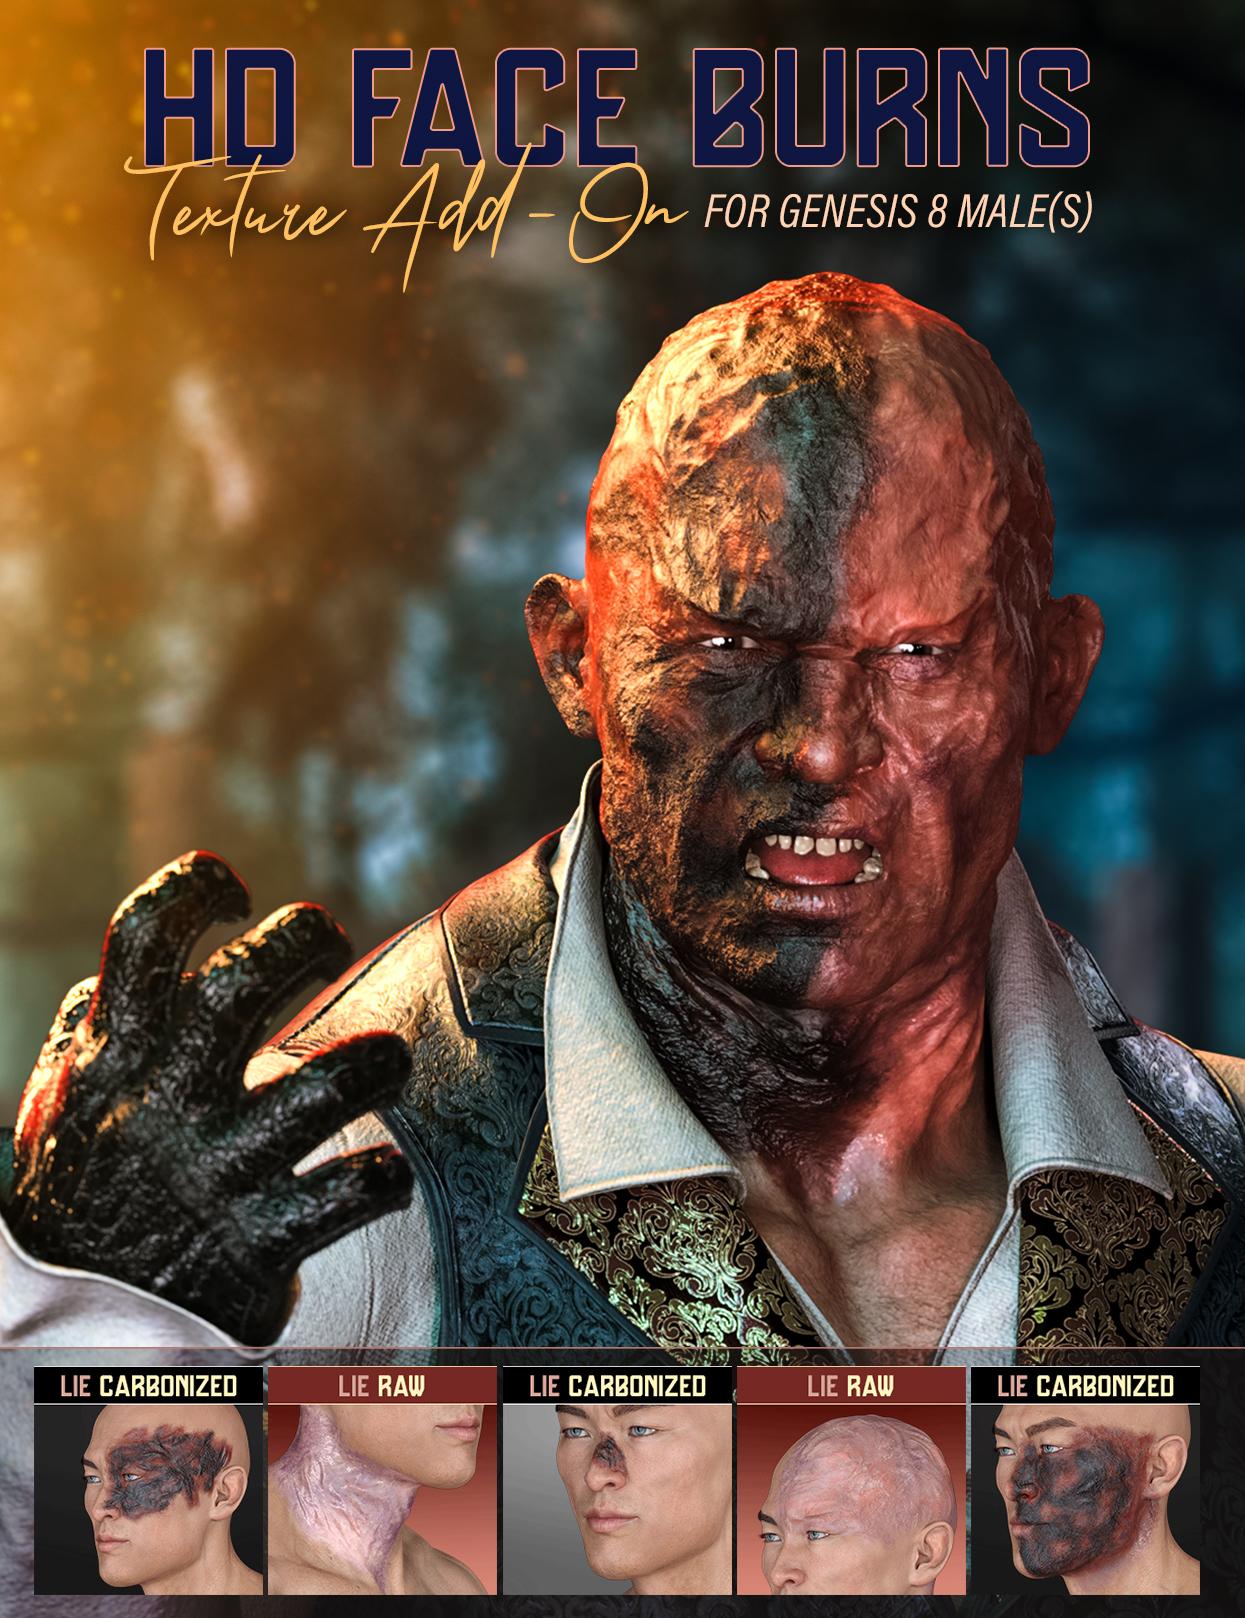 HD Face Burns Texture Add-On for Genesis 8 Males by: FenixPhoenixEsid, 3D Models by Daz 3D